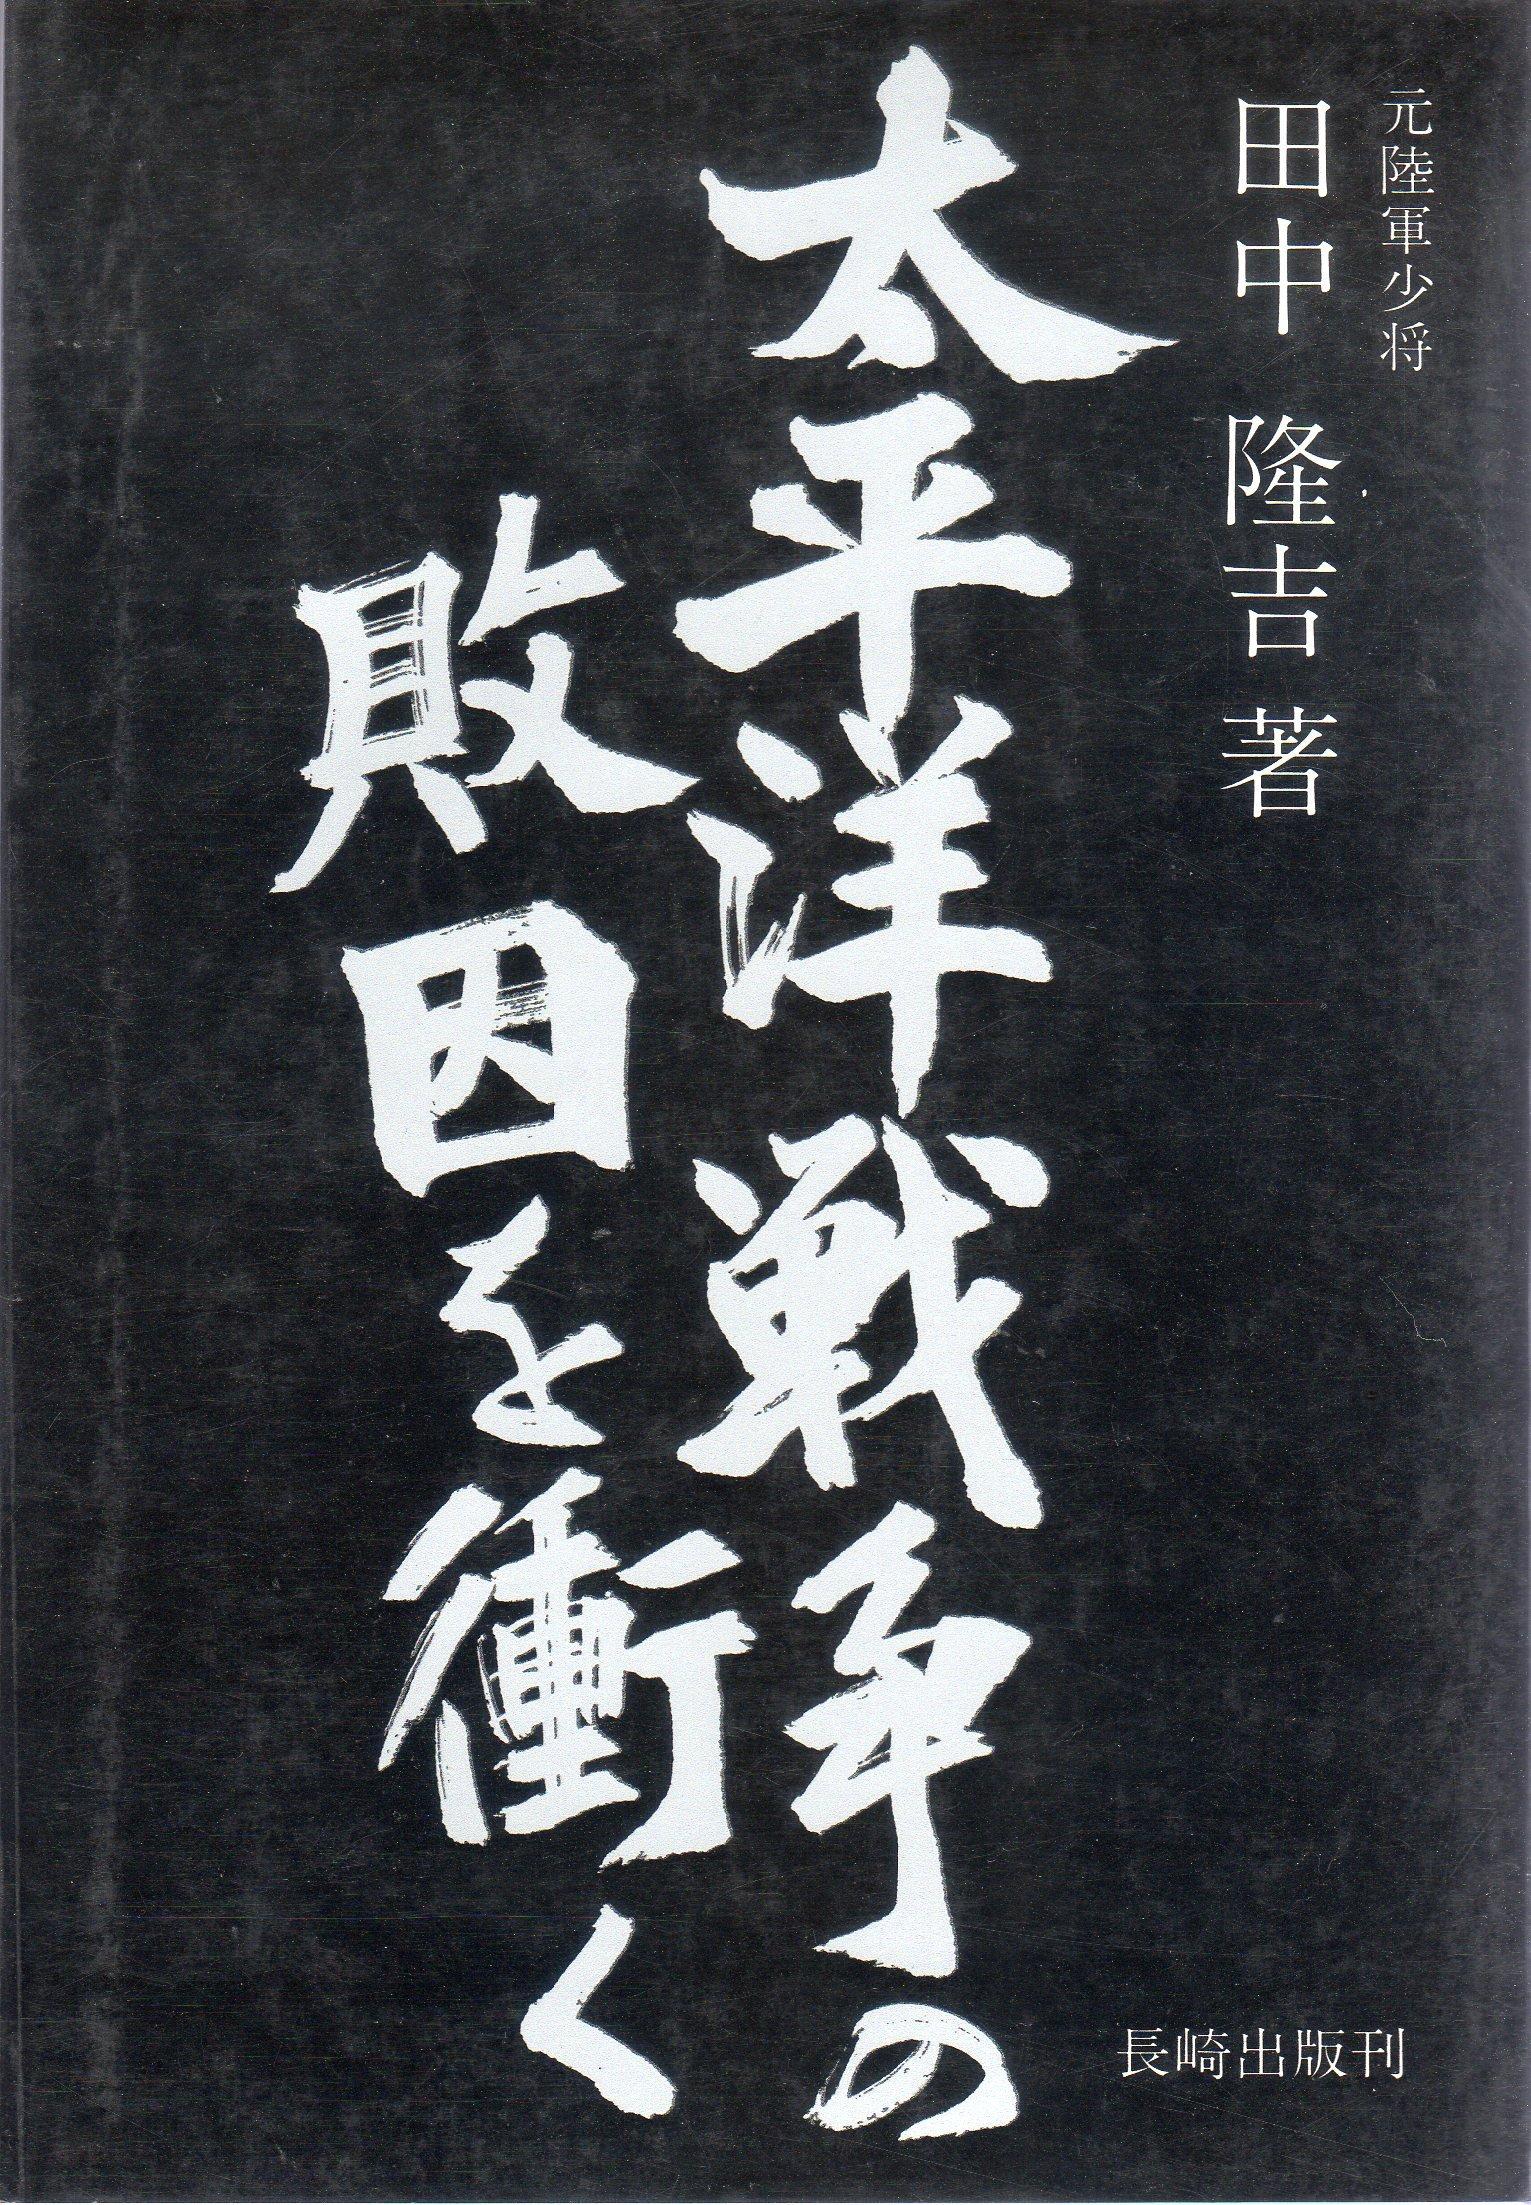 戦争 敗因 太平洋 【科学で検証】太平洋戦争中、日本の軍艦が次々と沈没していったワケ(播田 安弘)